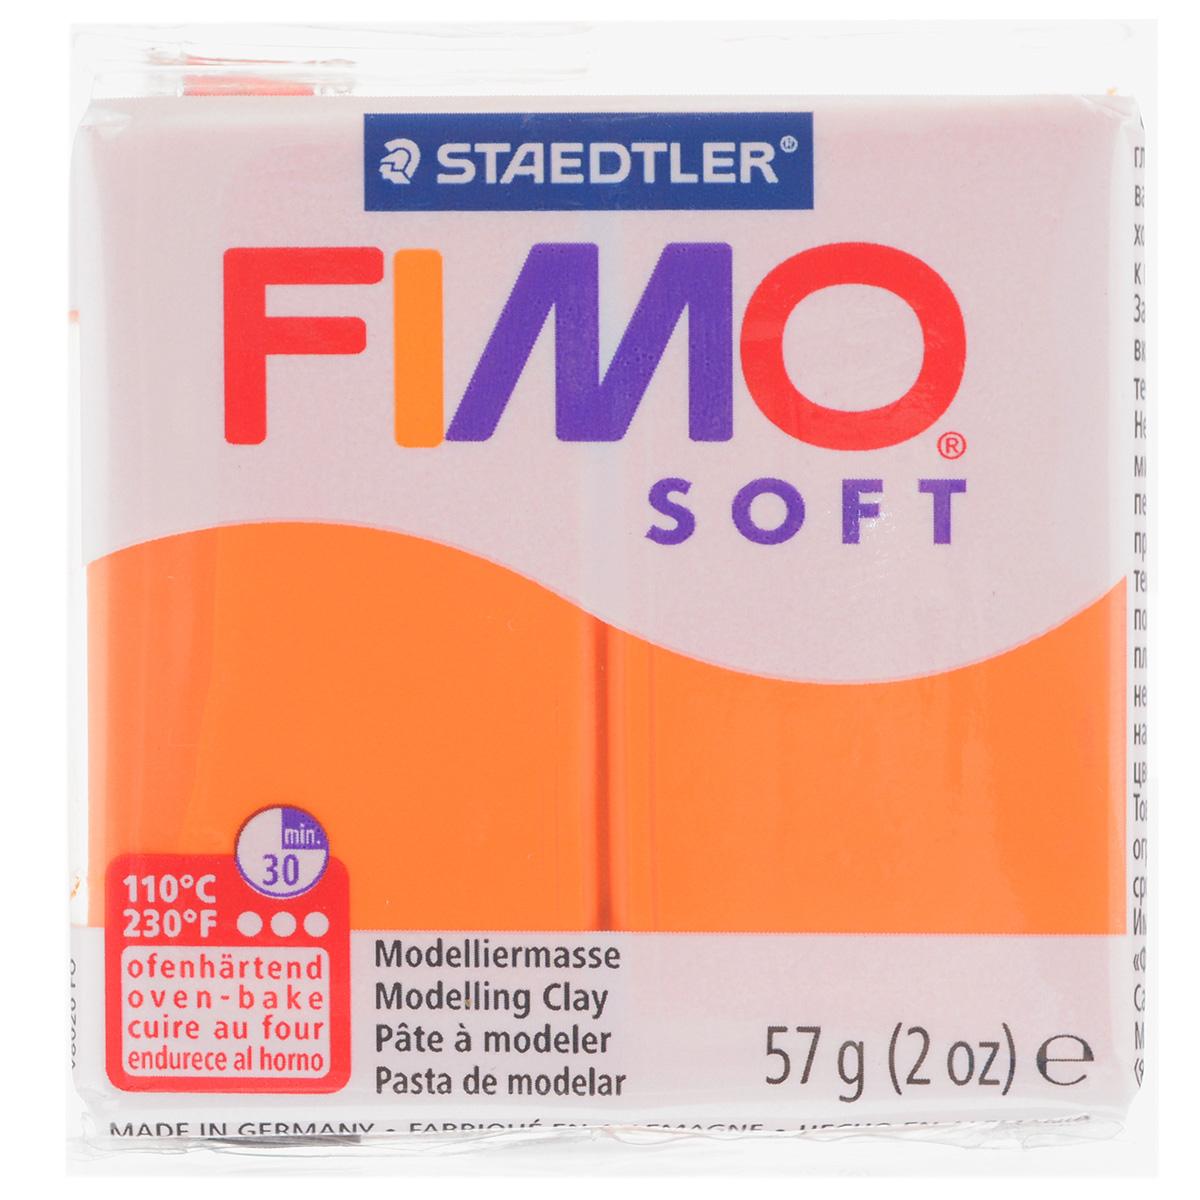 Полимерная глина Fimo Soft, цвет: мандарин (42), 56 г8020-42Мягкая глина на полимерной основе (пластика) Fimo Soft идеально подходит для лепки небольших изделий (украшений, скульптурок, кукол) и для моделирования. Глина обладает отличными пластичными свойствами, хорошо размягчается и лепится, легко смешивается между собой, благодаря чему можно создать огромное количество поделок любых цветов и оттенков. Блок поделен на восемь сегментов, что позволяет легче разделять глину на порции. В домашних условиях готовая поделка выпекается в духовом шкафу при температуре 110°С в течении 15-30 минут (в зависимости от величины изделия). Отвердевшие изделия могут быть раскрашены акриловыми красками, покрыты лаком, склеены друг с другом или с другими материалами. Состав: поливинилхлорид, пластификаторы, неорганические наполнители, цветные пигменты.